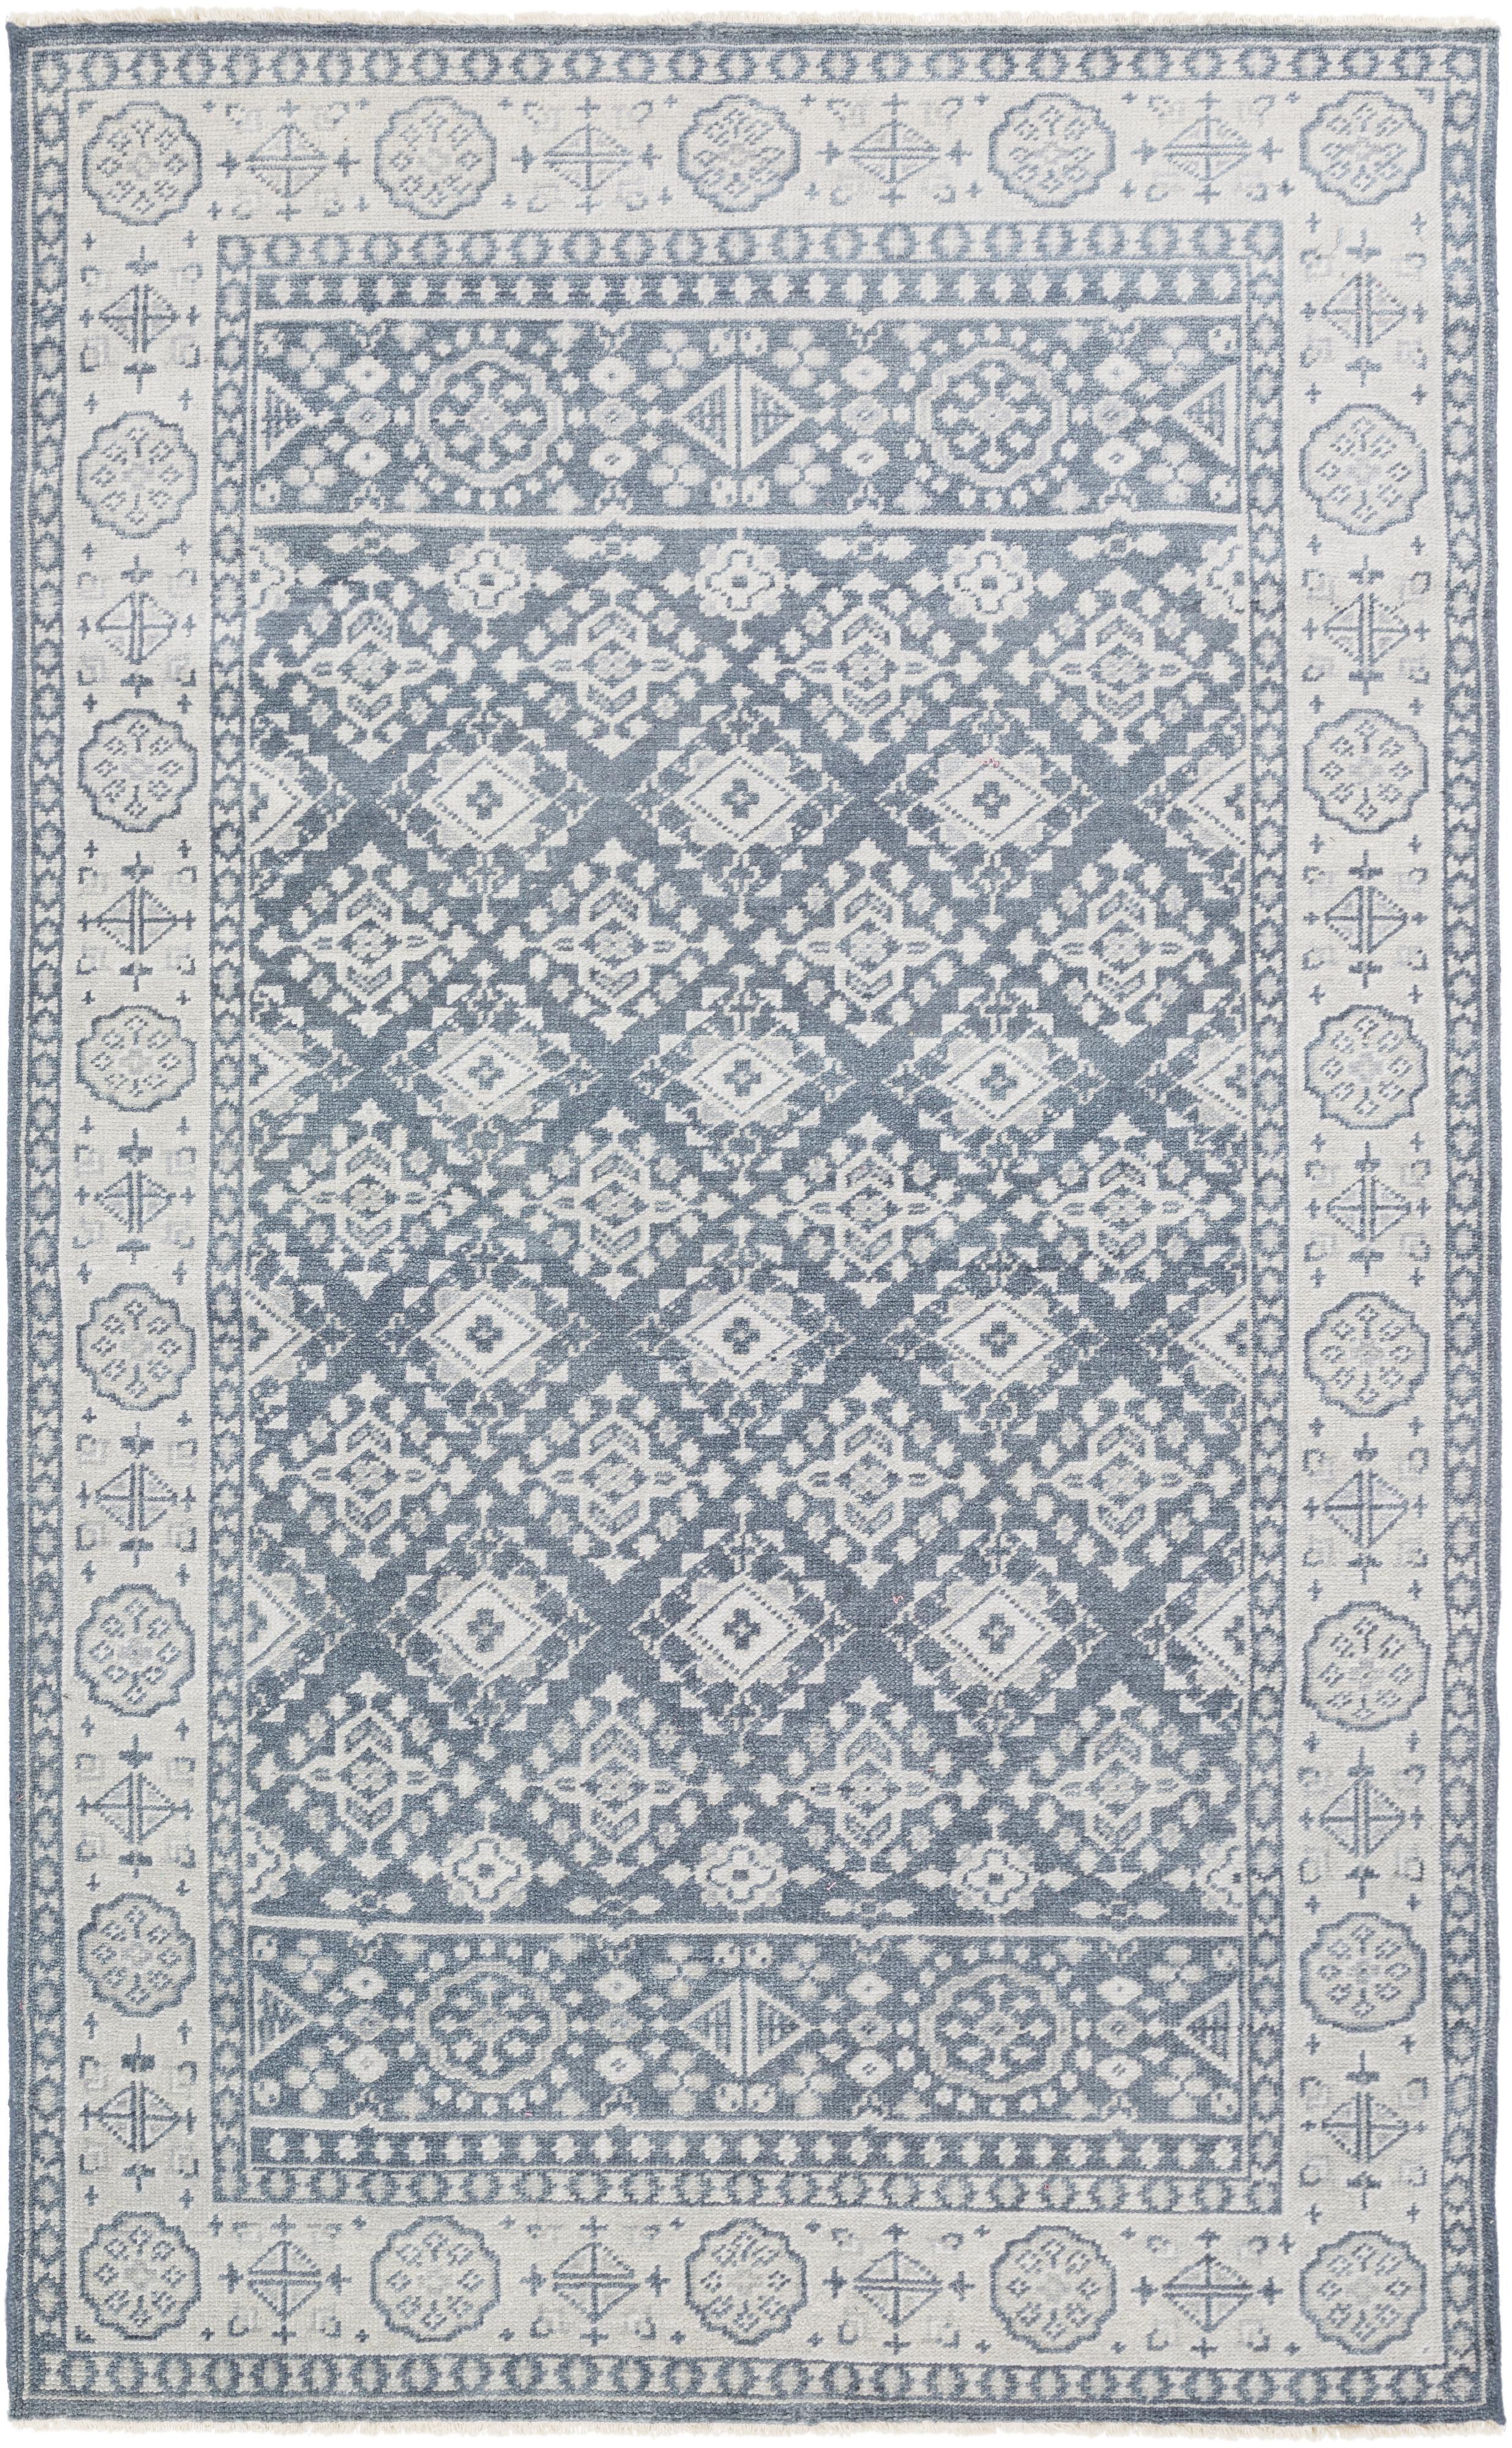 Surya Rugs Cappadocia 9' x 13' - Item Number: CPP5010-913